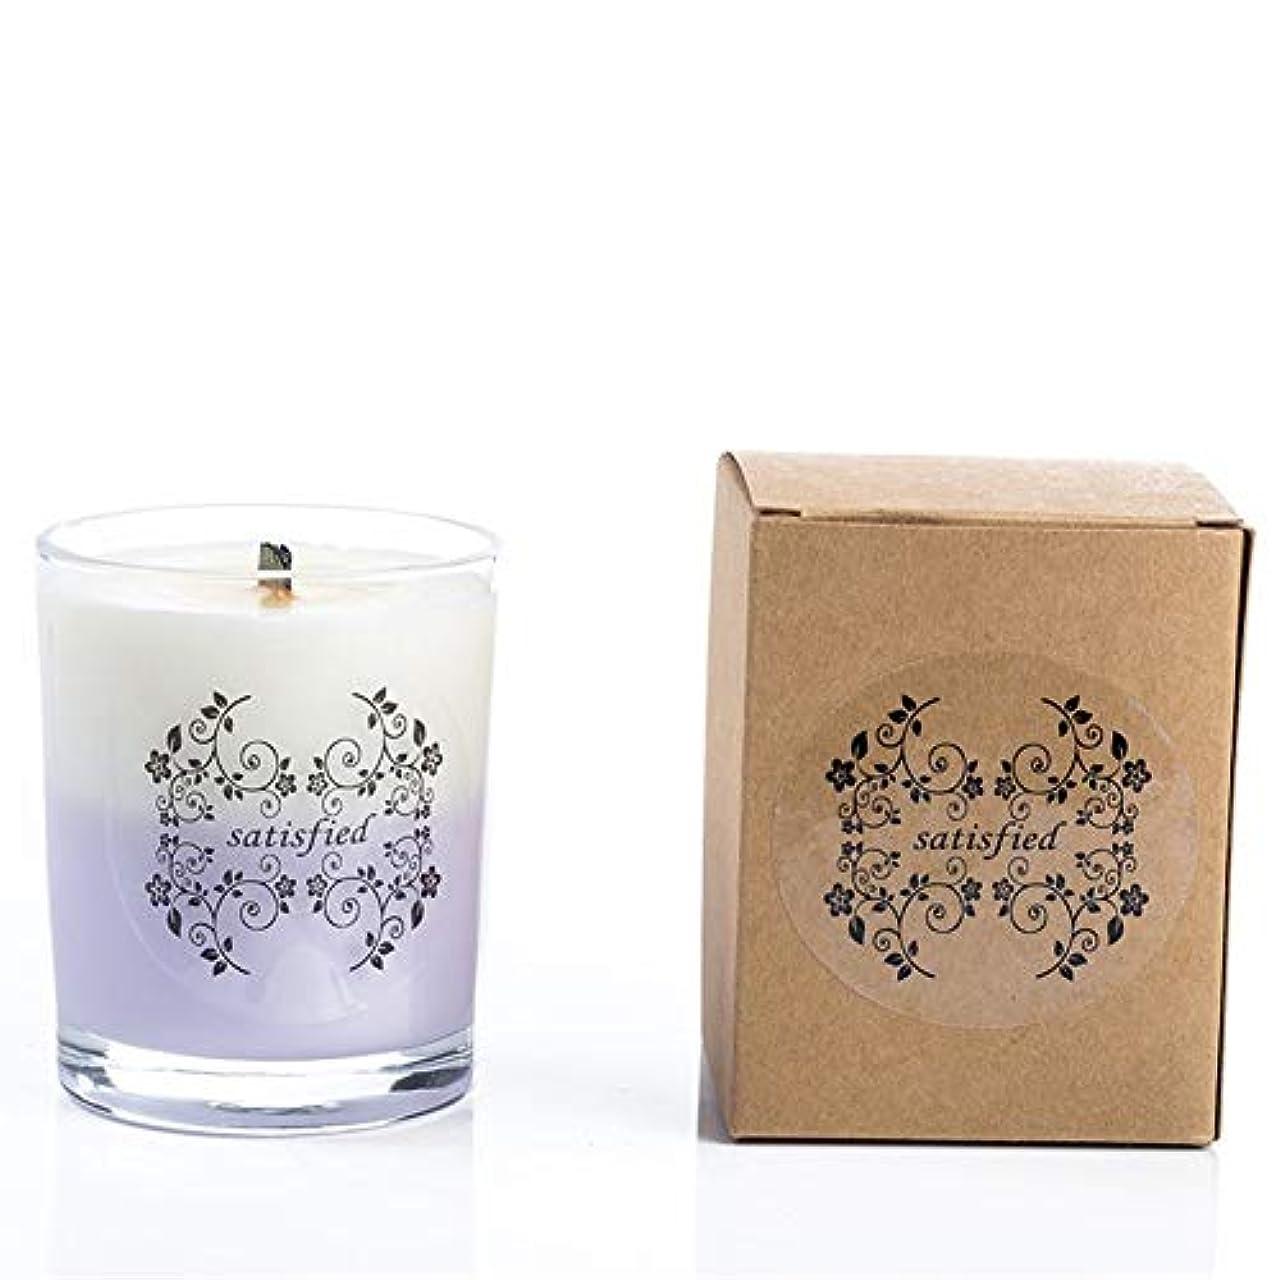 蒸気達成可能二週間Ztian ガラスのツートンの香料入りの蝋燭のハンドメイドの無煙の香りの家の香料入りの蝋燭 (色 : Grapefruit)